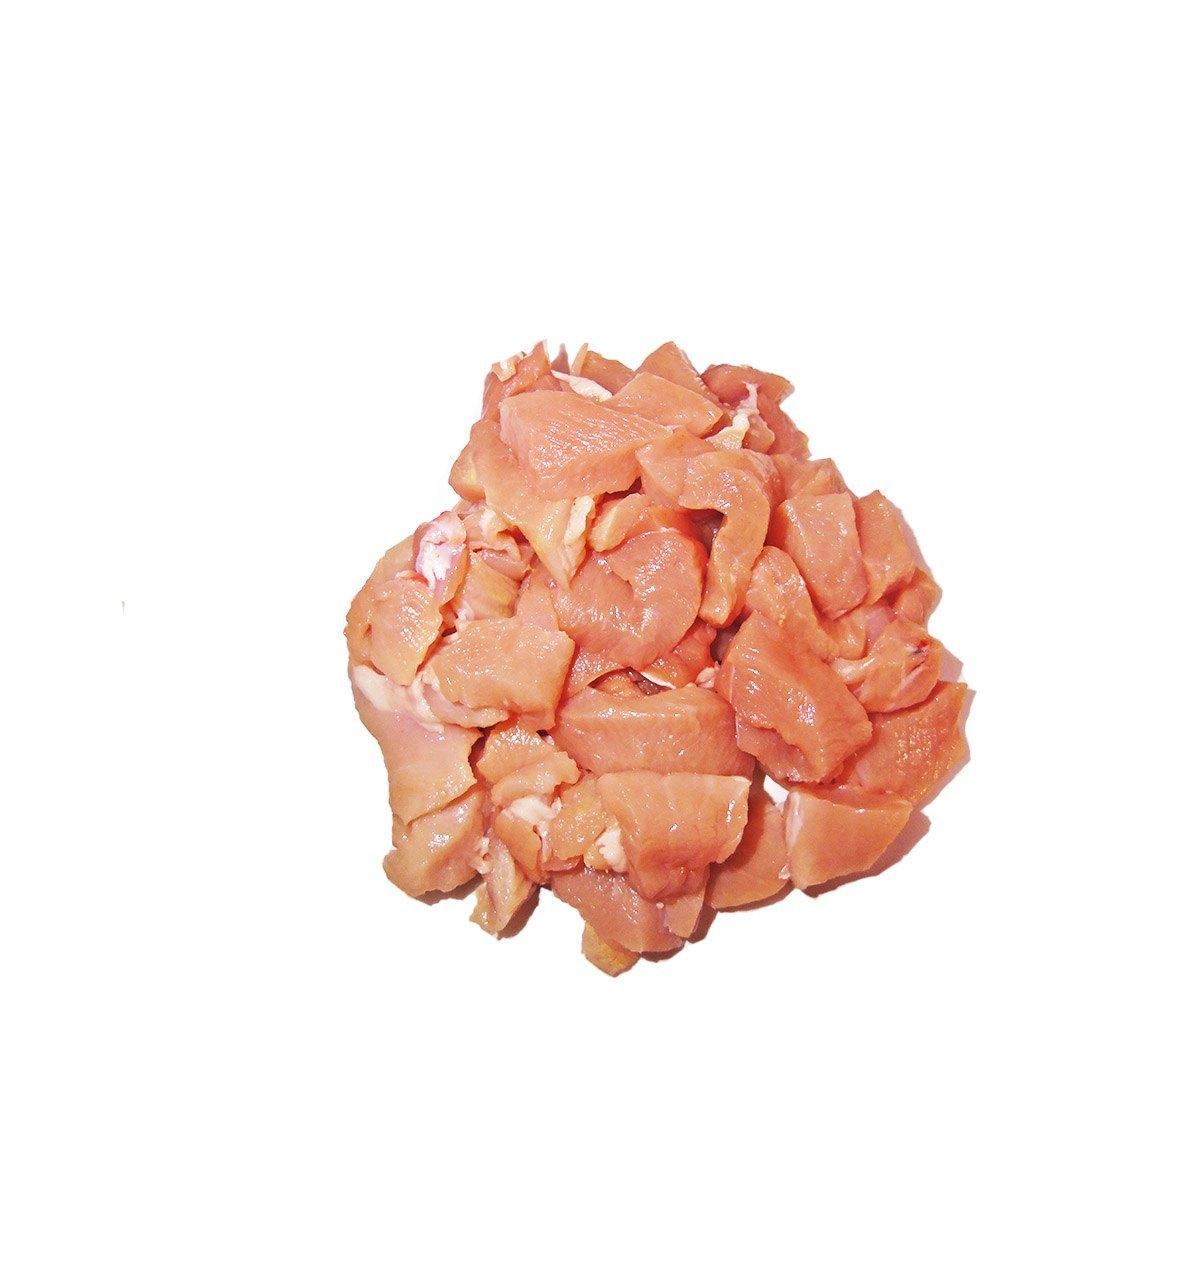 Comprar Raxo de cerdo especialidad de Galicia